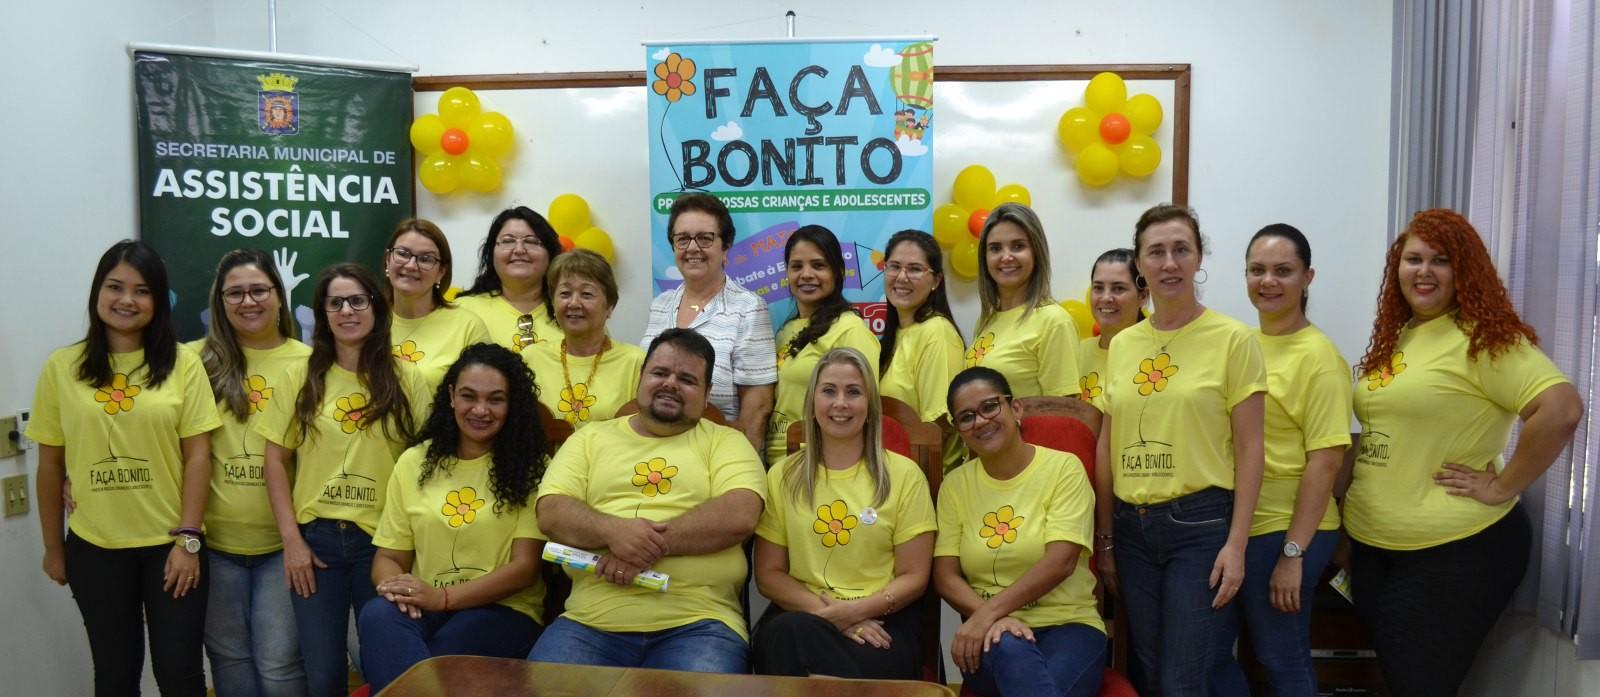 Tupã realiza campanha 'Faça Bonito' em combate ao abuso de crianças e adolescentes - Noticias